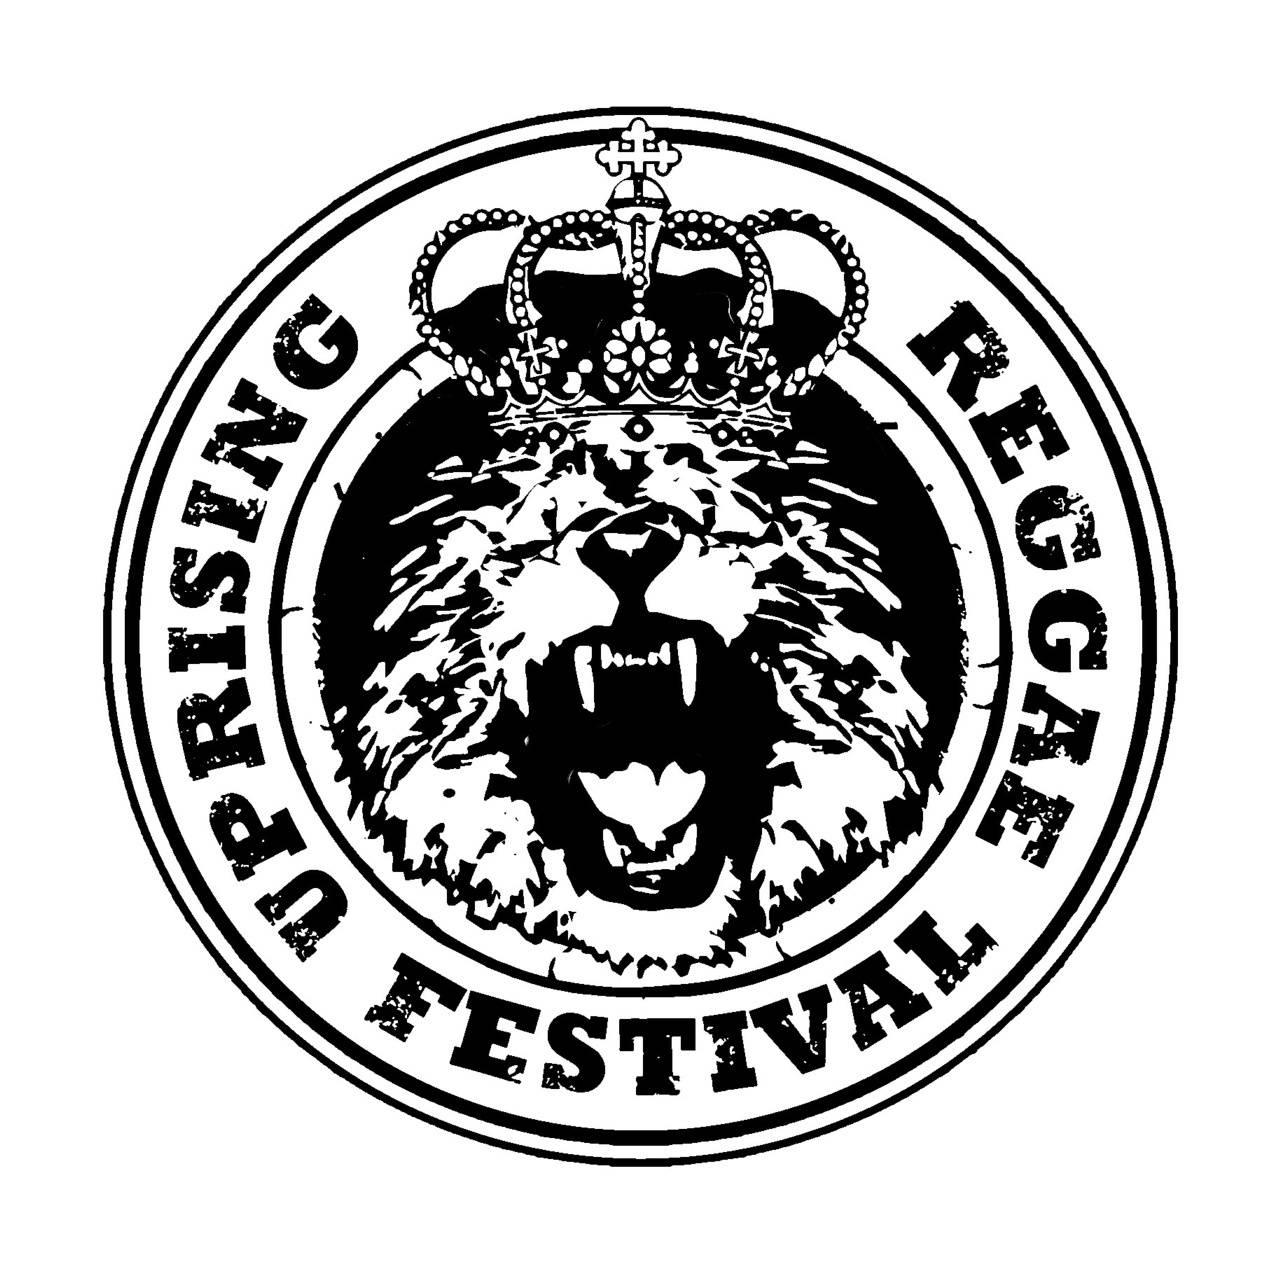 Uprising logo